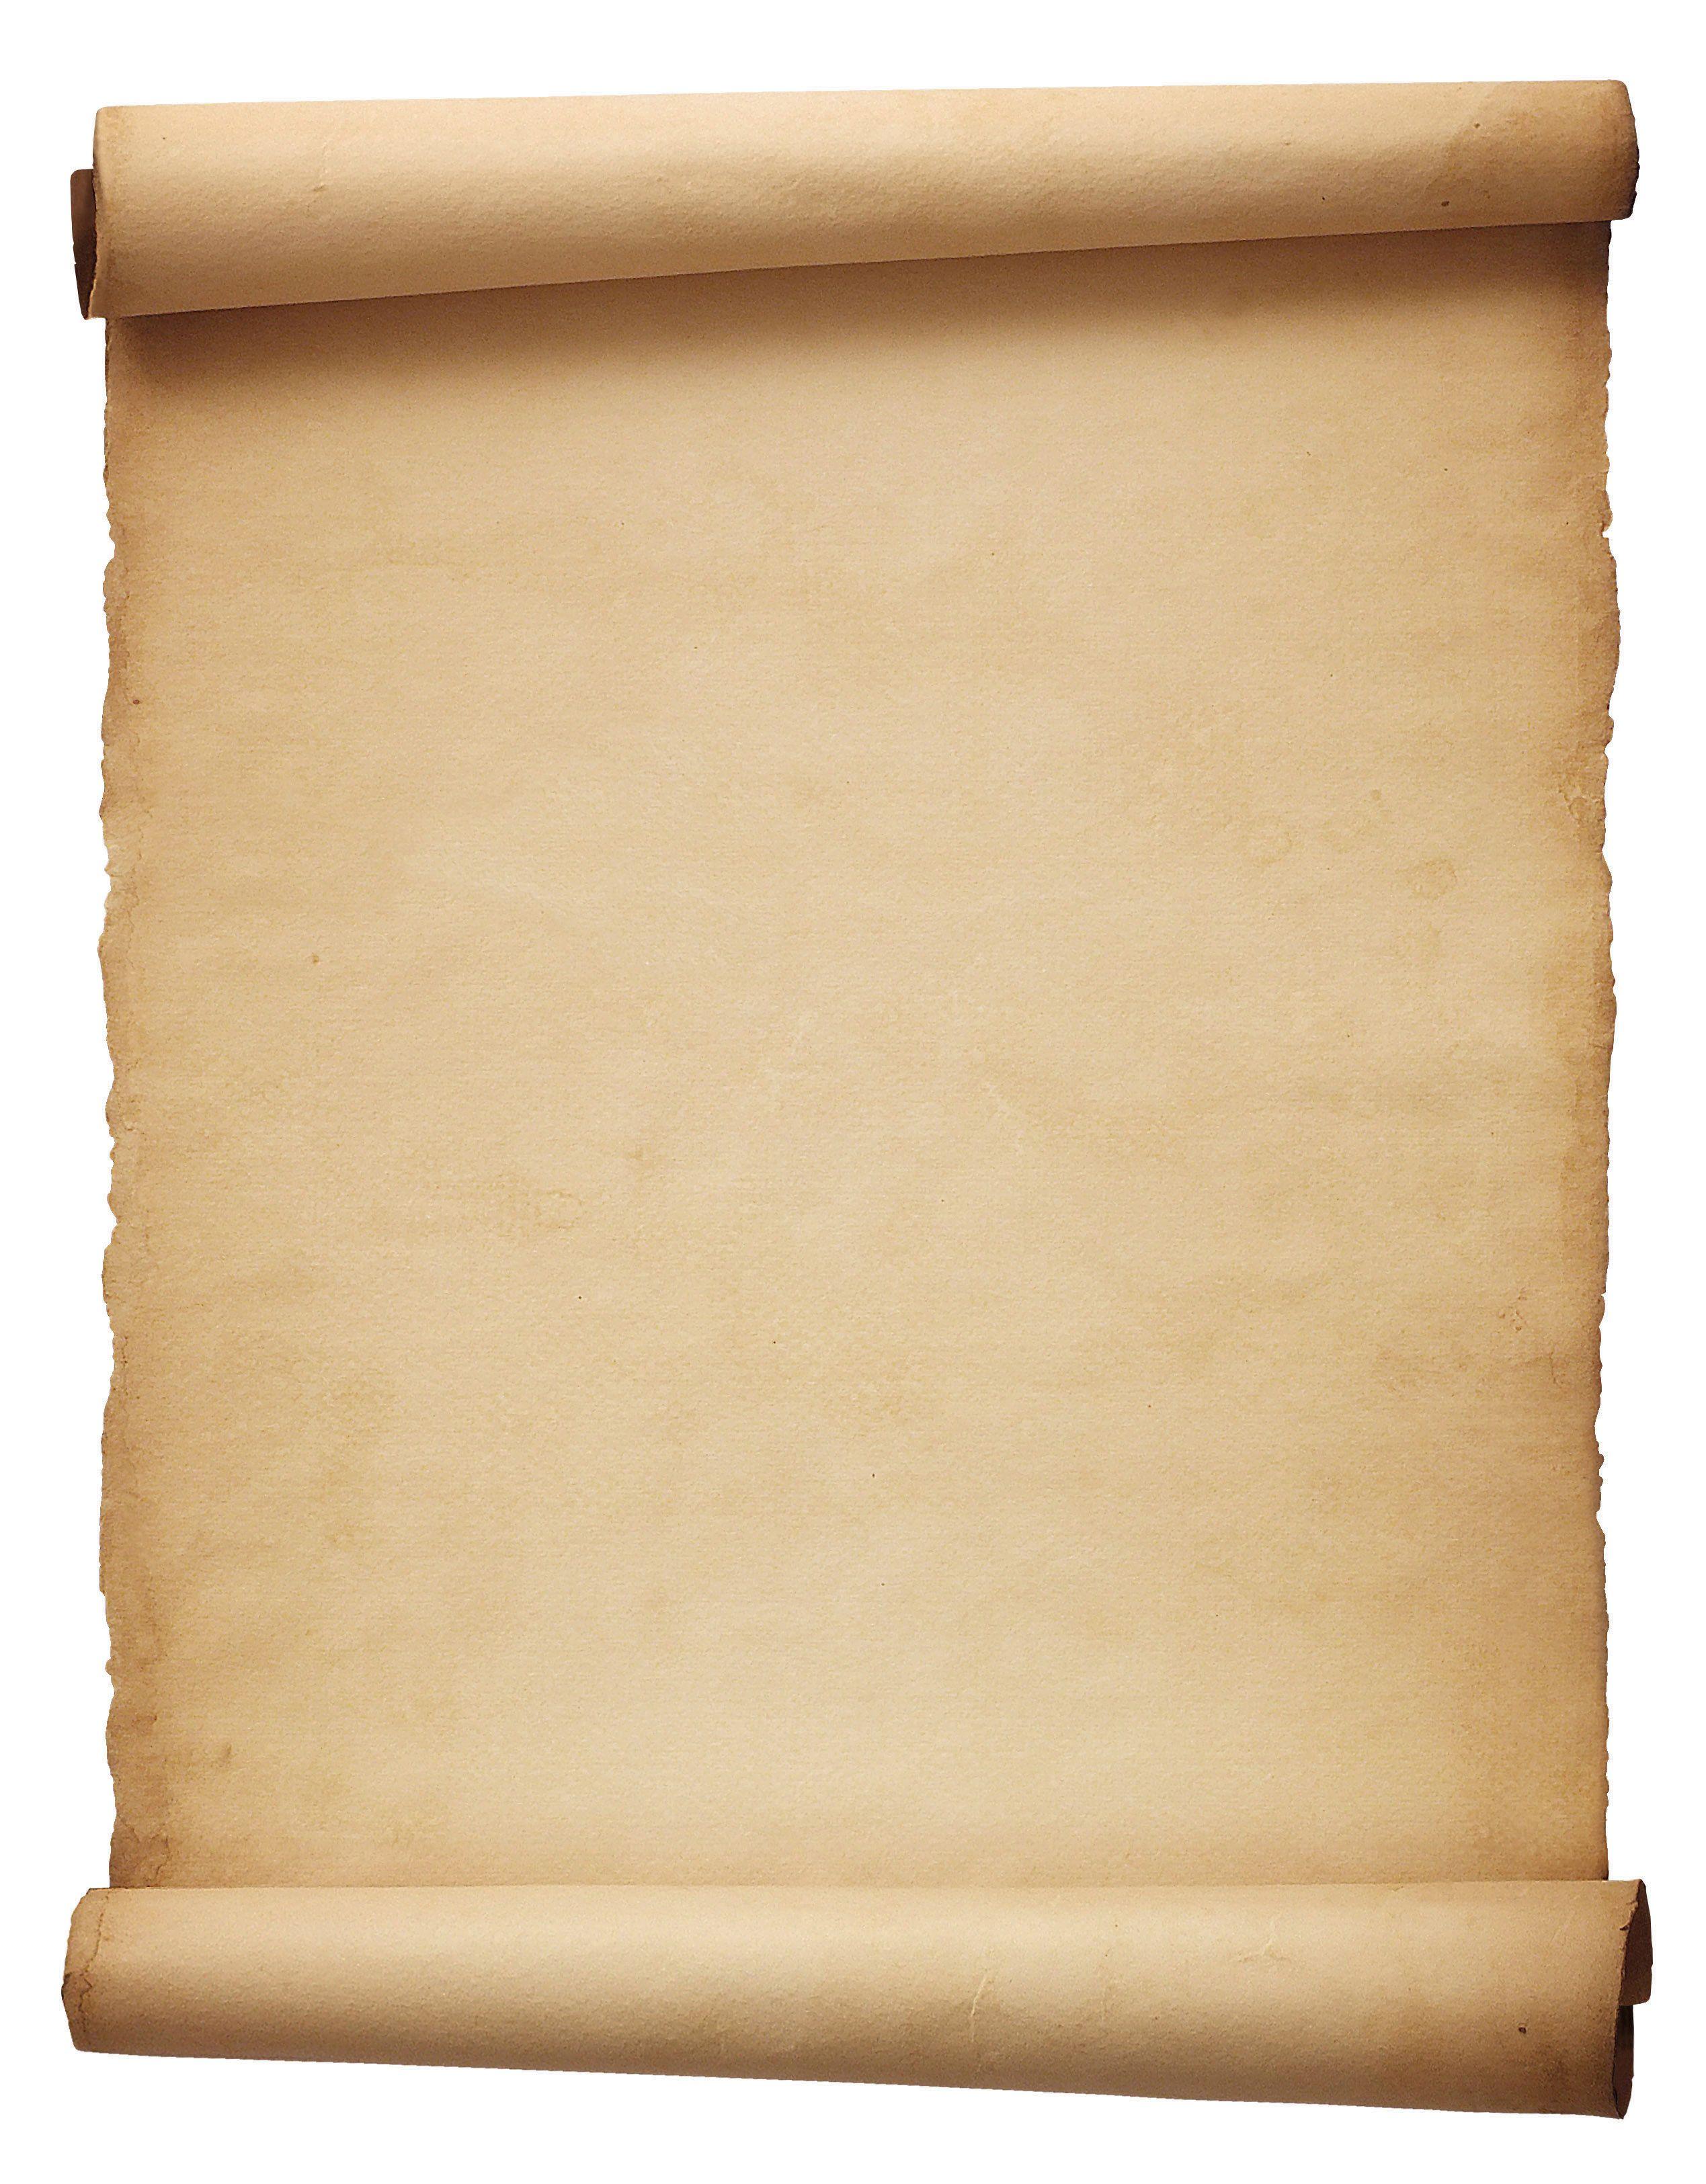 Подруге, картинки в виде бумаги